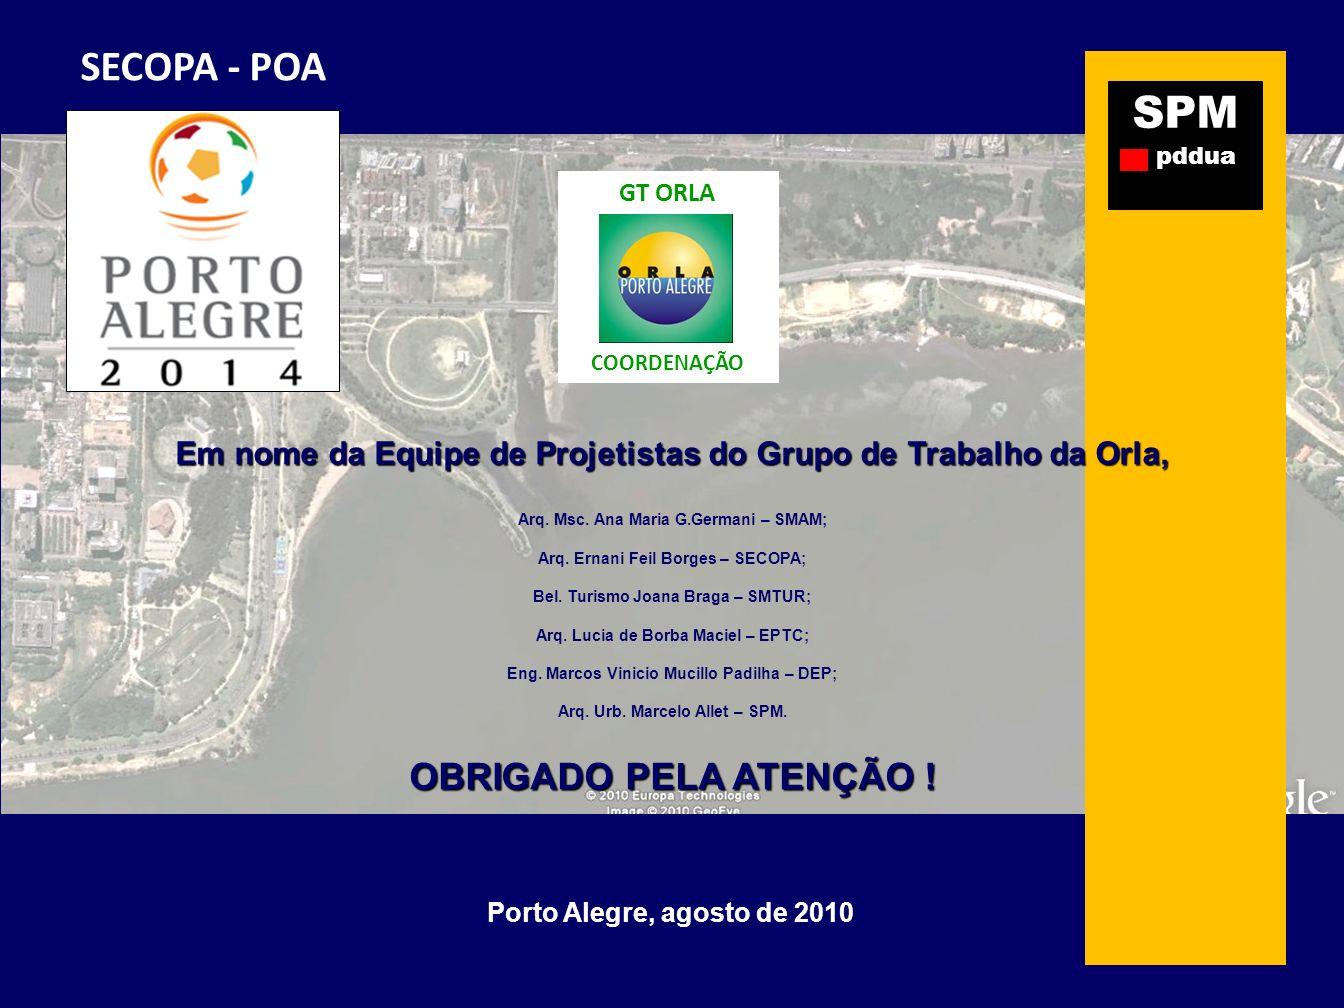 SPM pddua SECOPA - POA GT ORLA COORDENAÇÃO Em nome da Equipe de Projetistas do Grupo de Trabalho da Orla, Arq. Msc. Ana Maria G.Germani – SMAM; Arq. E